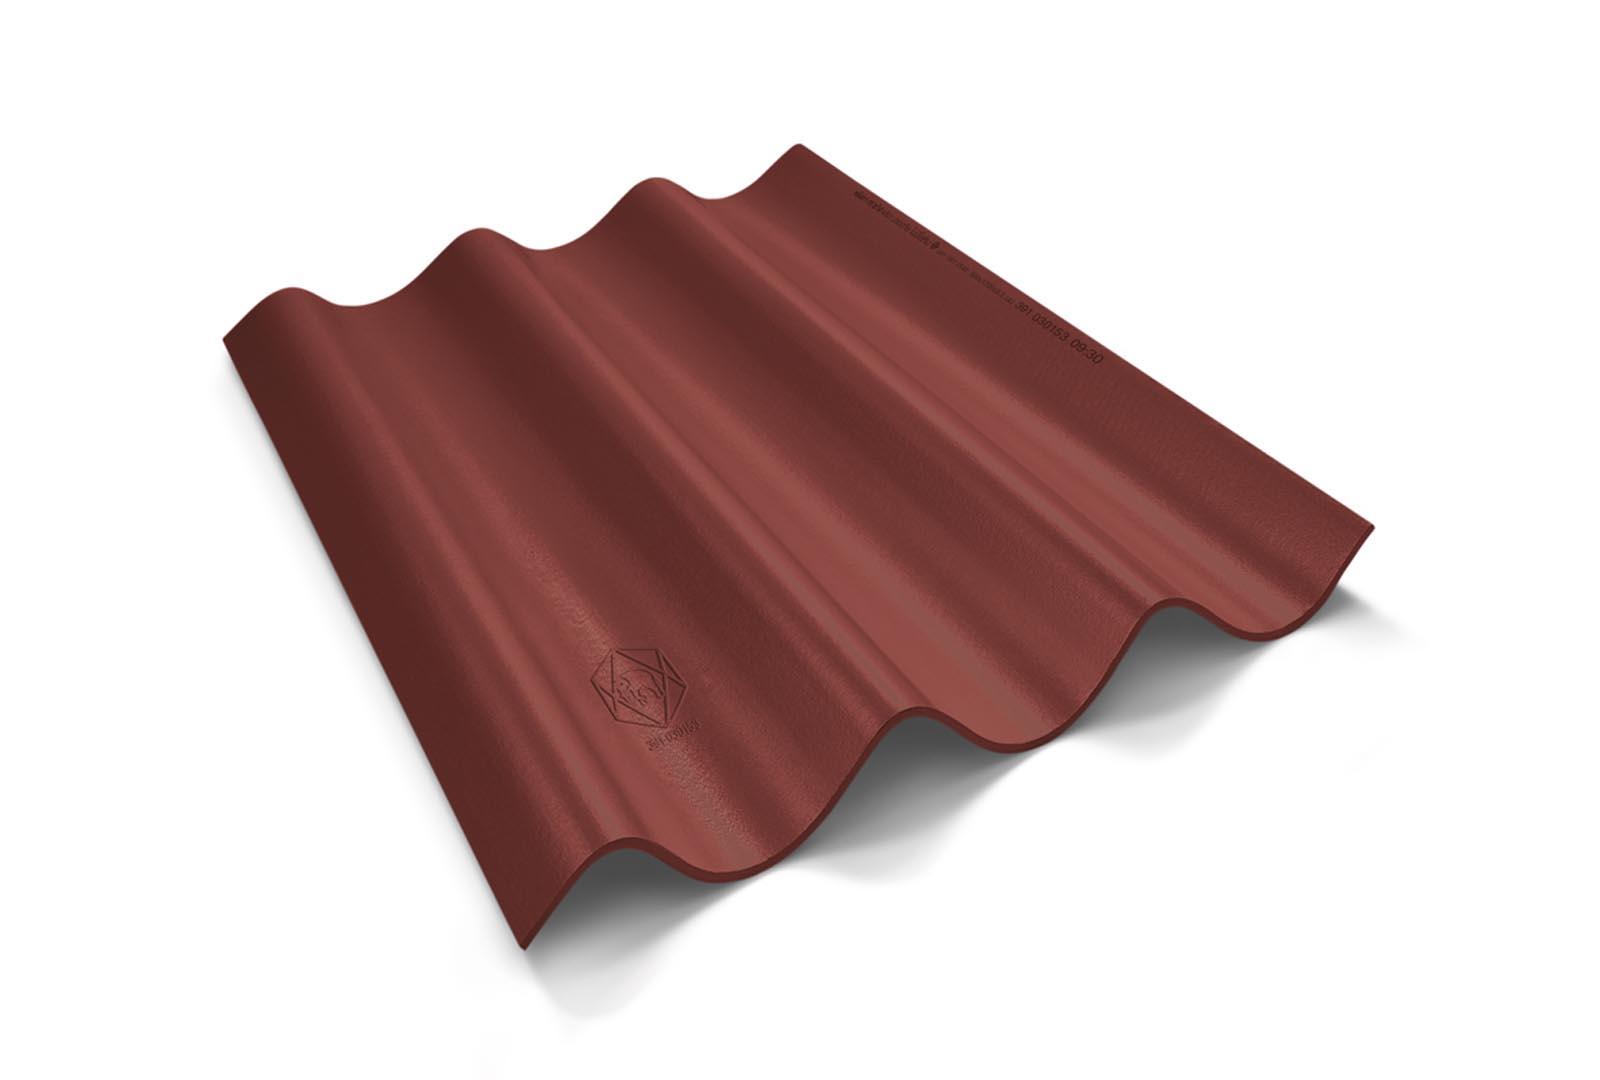 SCG-Fiber-Cement-Roof-prima-red